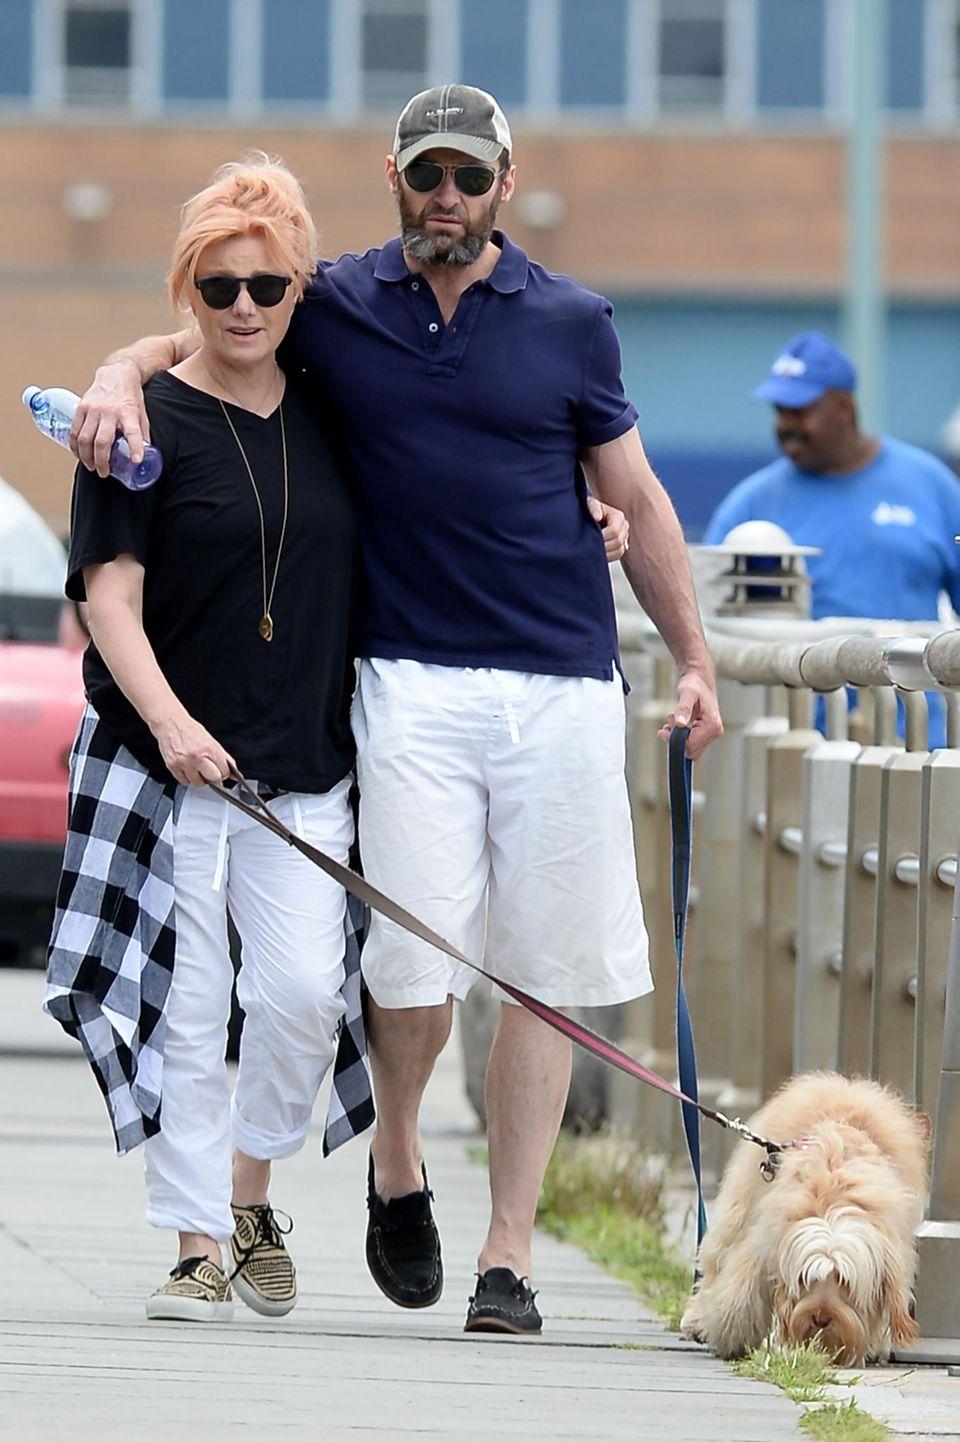 3. Juli 2016: Deborra-Lee Furness und Hugh Jackman sind ein herrlich bodenständiges Paar. Fast unerkannt schlendern sie mit ihrem Hund durch New York.